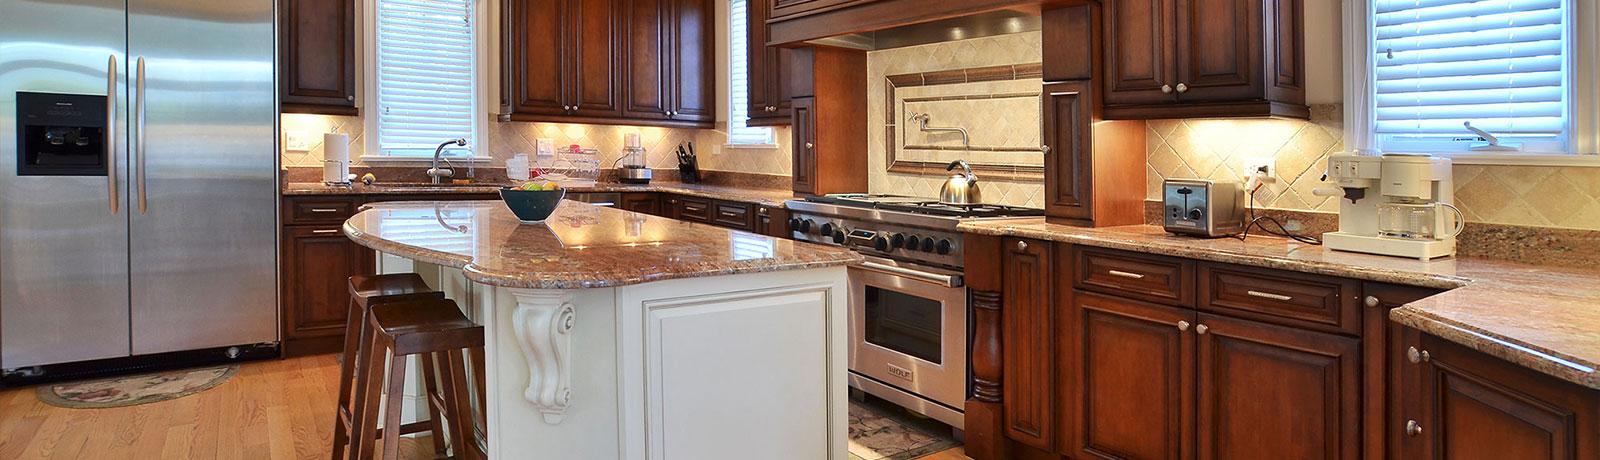 European Style Kitchen Cabinet Manufacturers